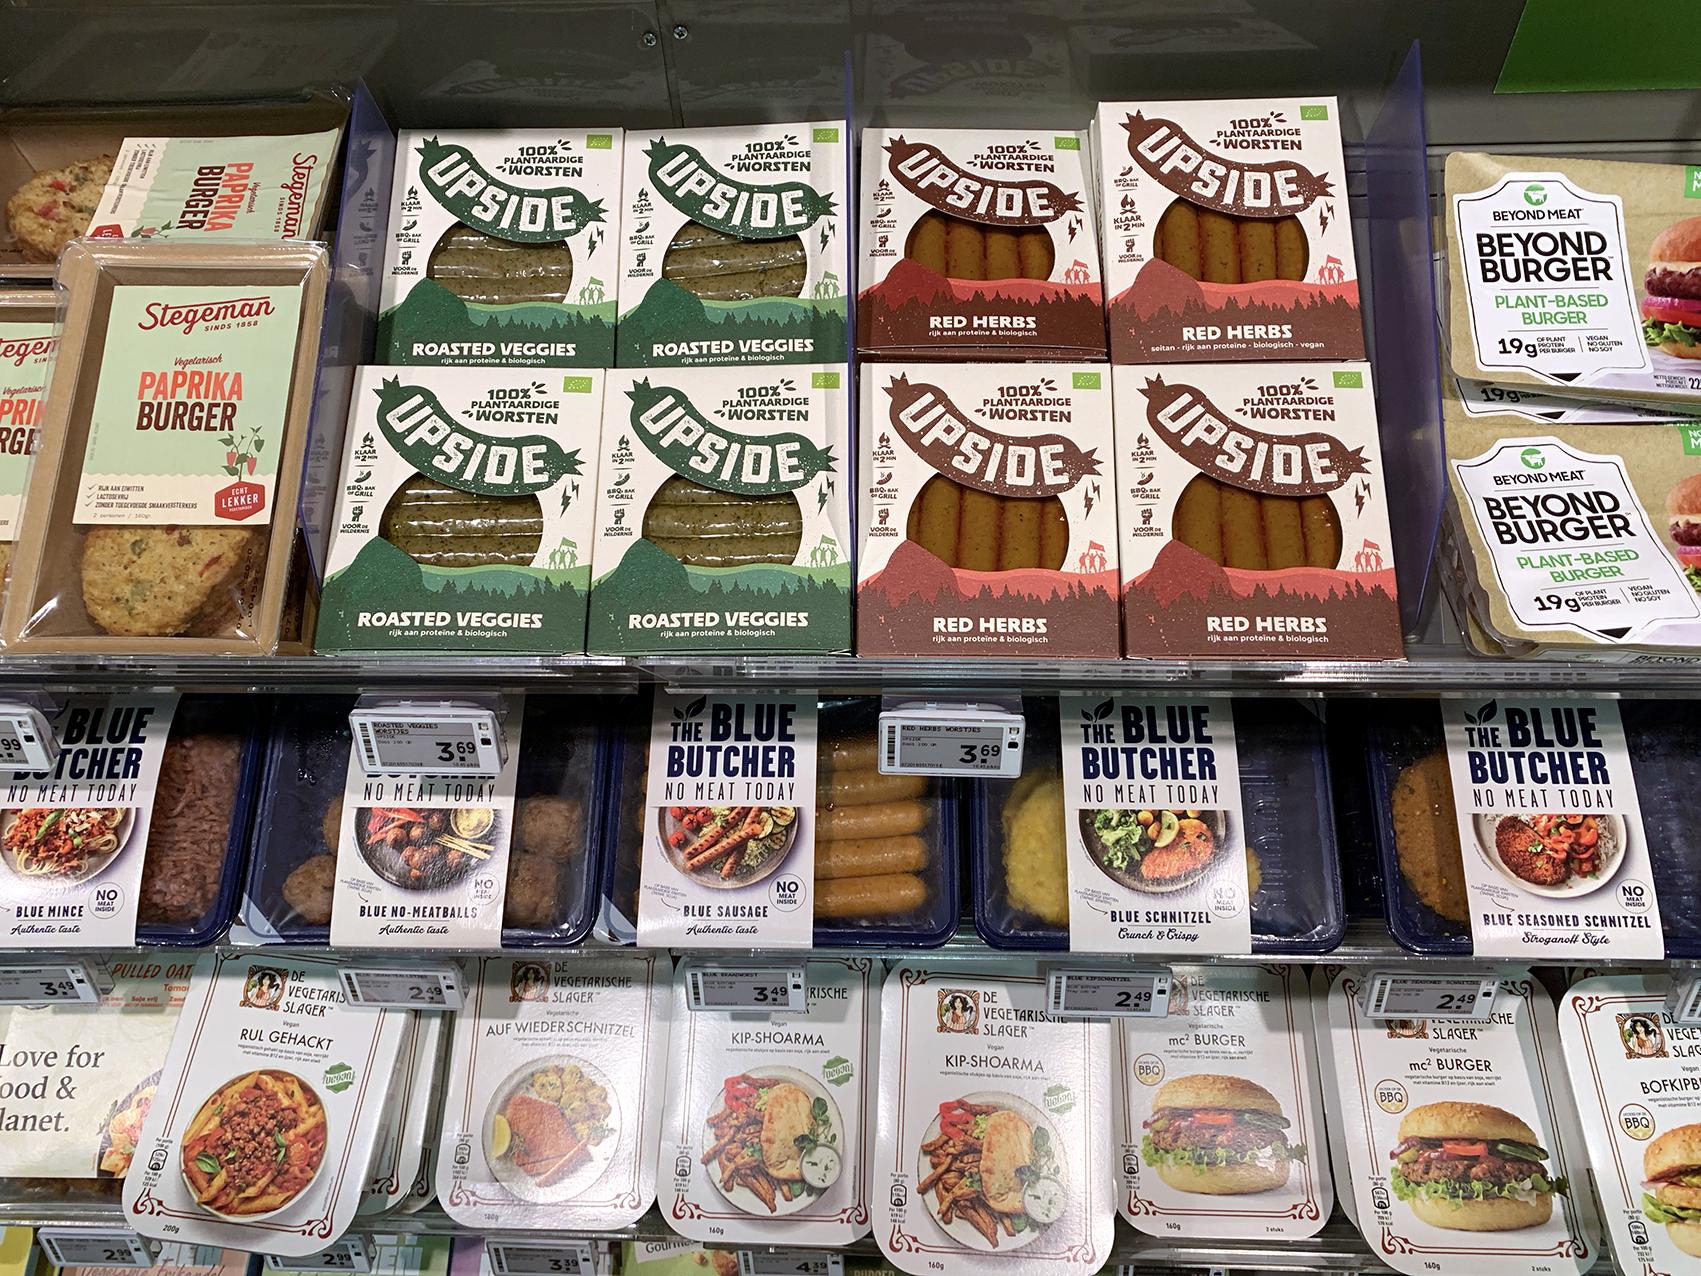 Verpakkingen van de plantaardige worsten van Upside in de winkelschappen van Plus Supermarkten